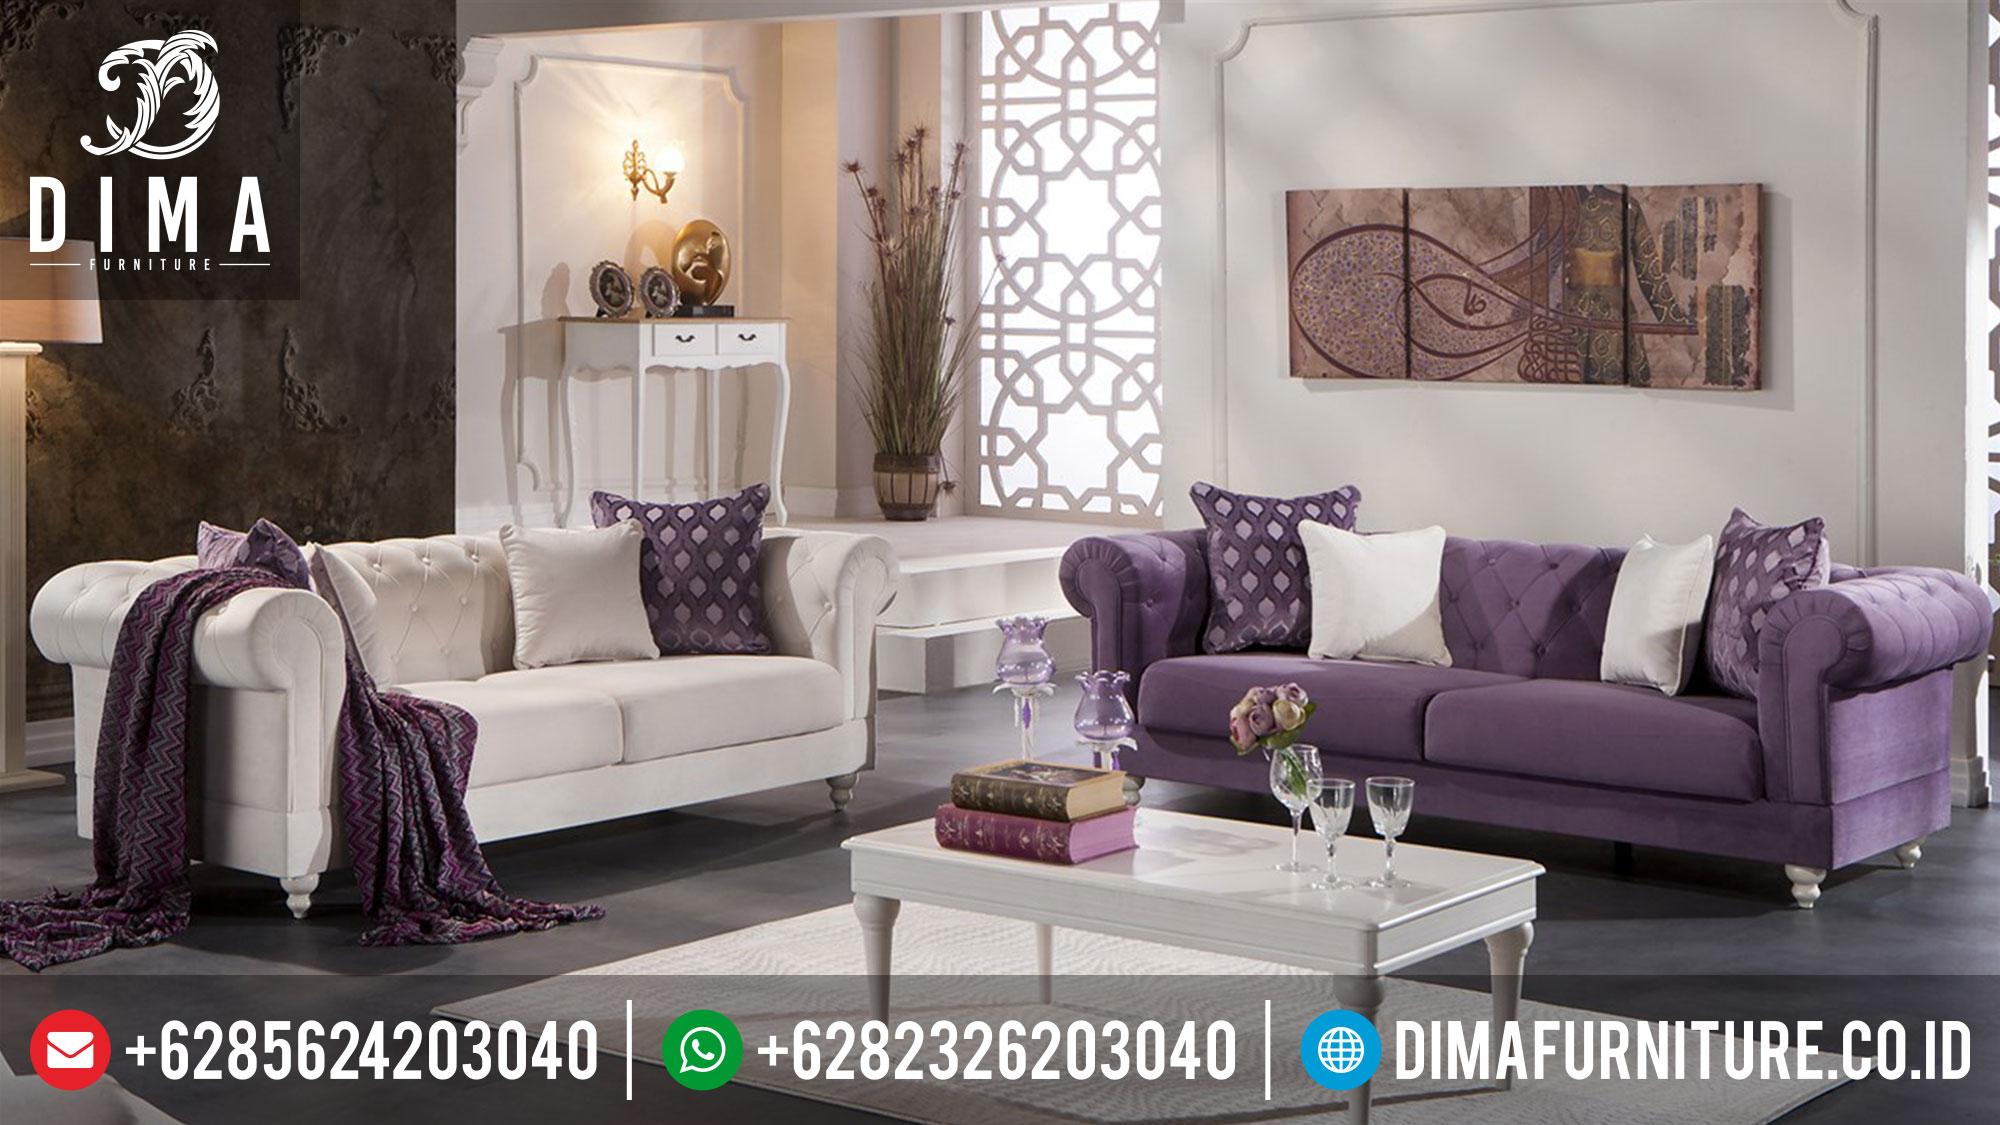 Sofa Minimalis Mewah, Sofa Tamu Modern Minimalis, Mebel Jepara Terbaru Murah ST-0379 Gambar 1